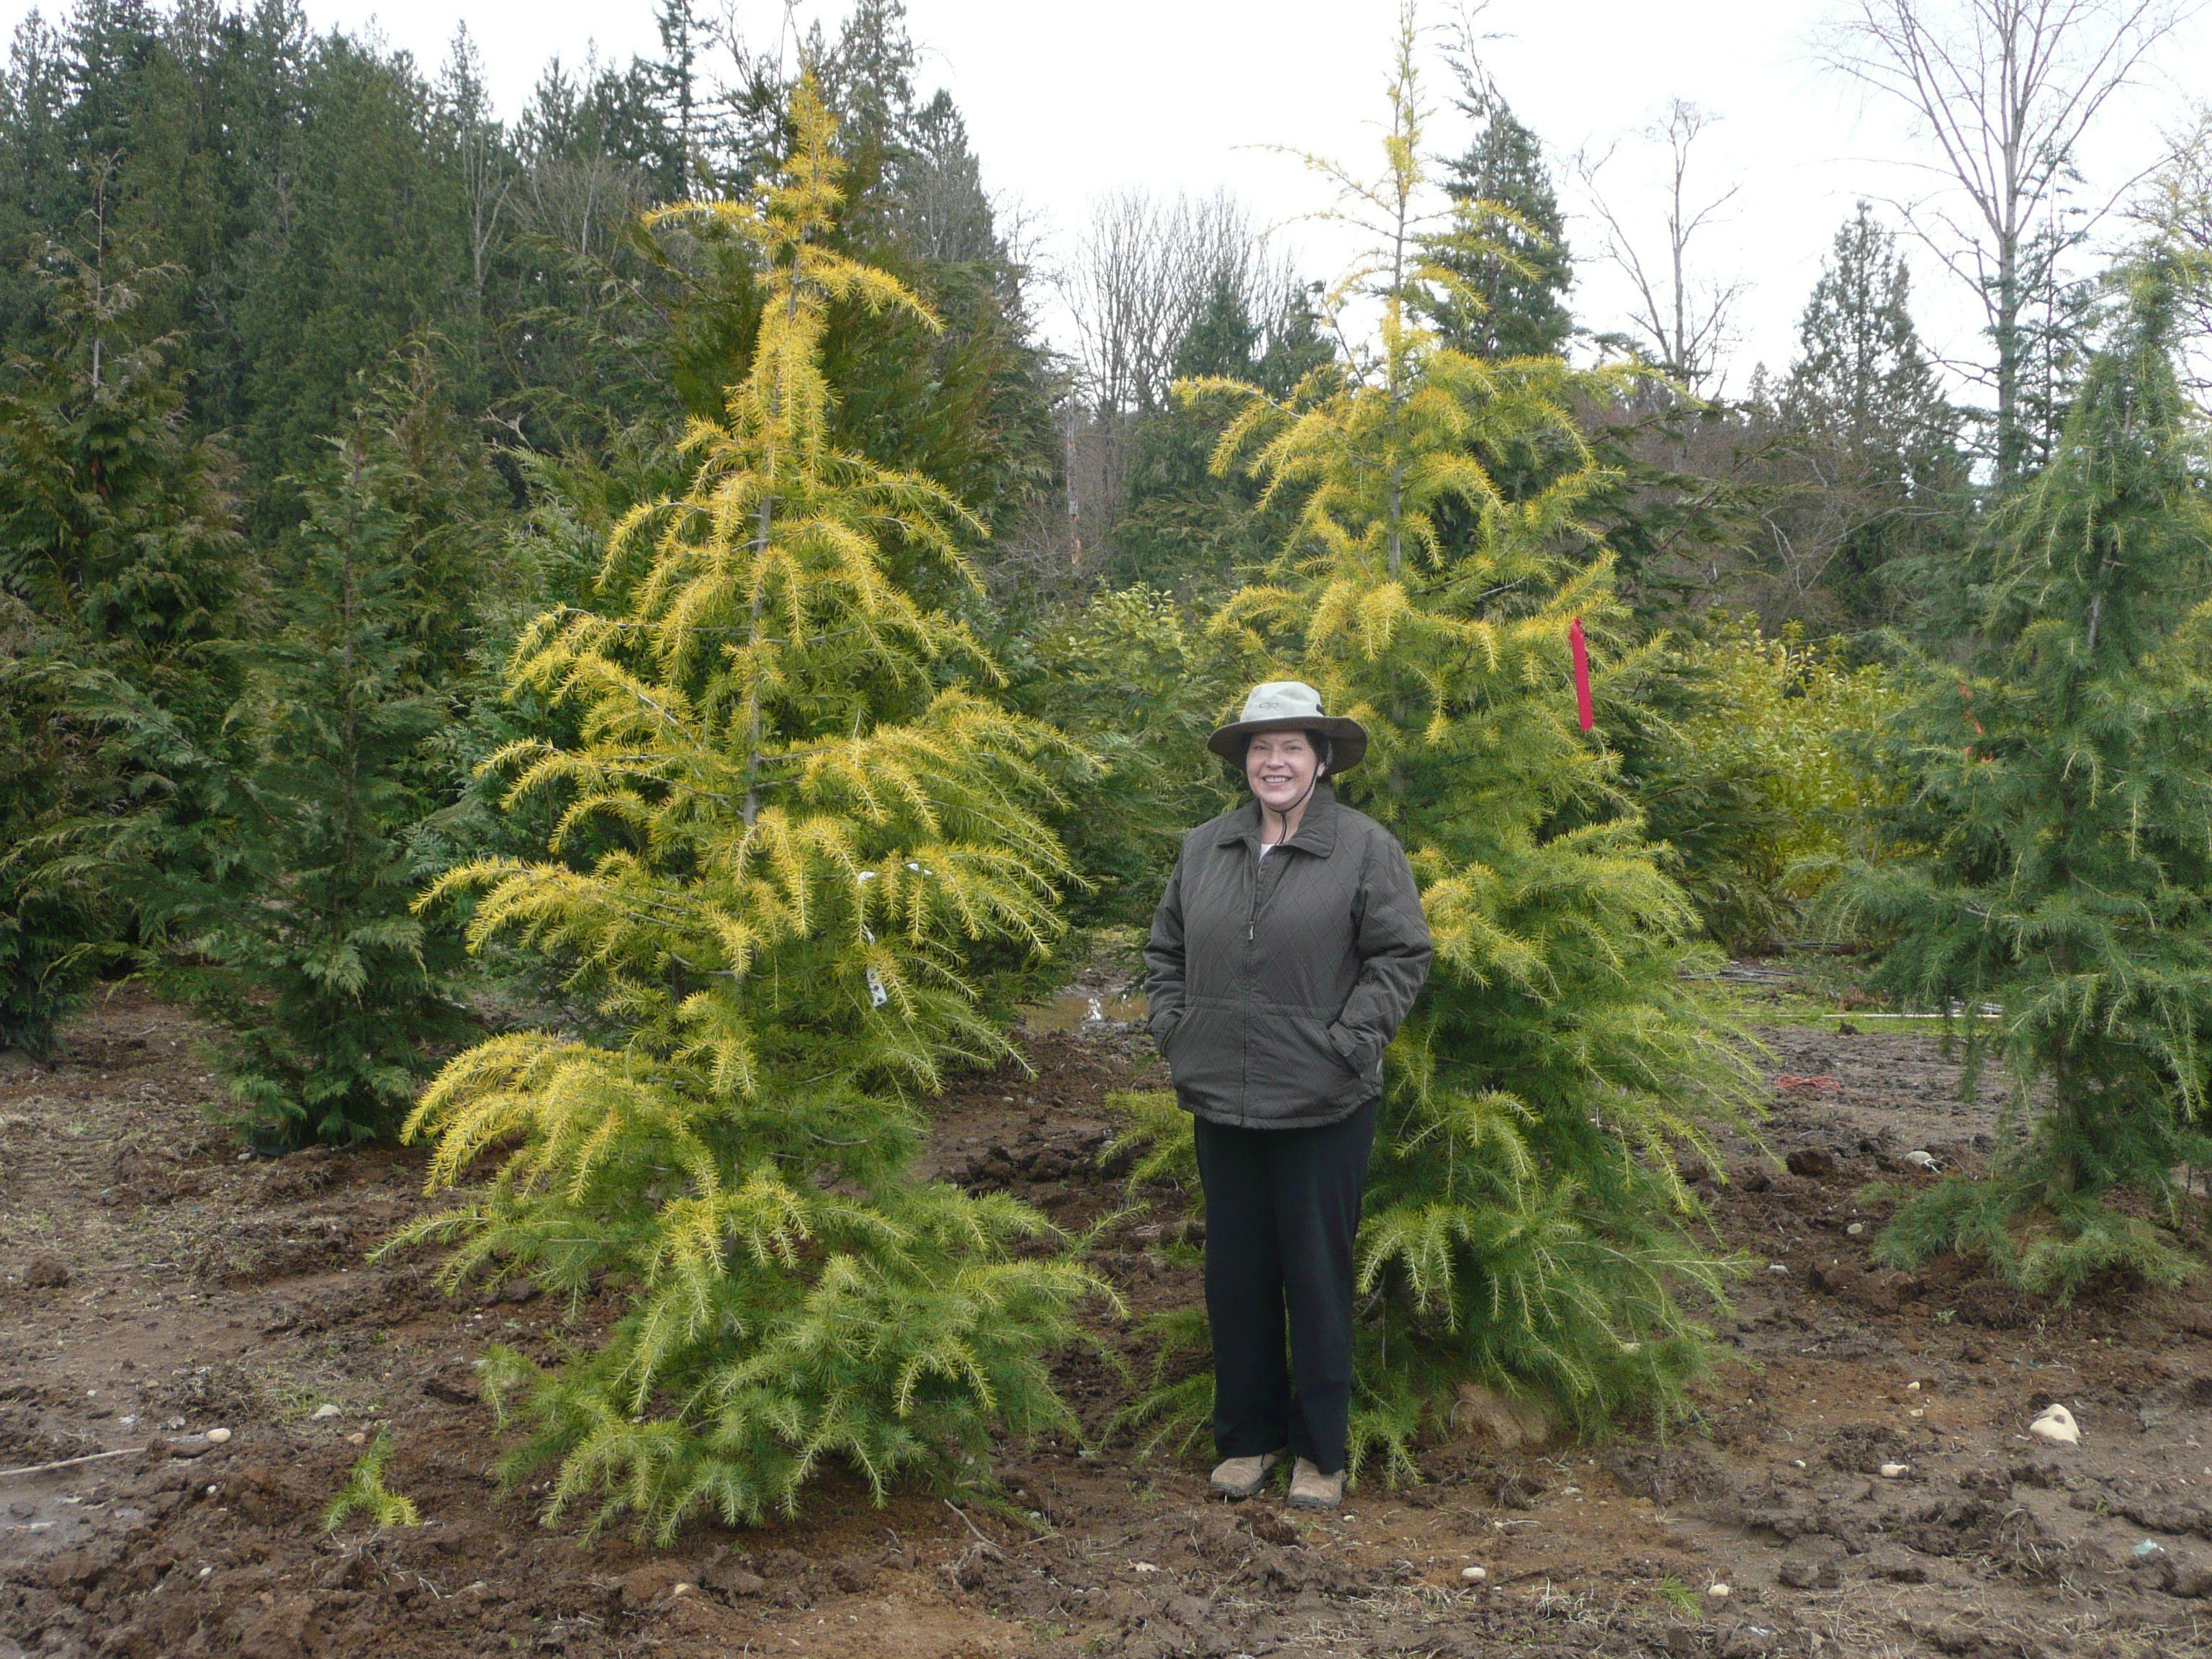 Doedar Cedar In Washington State Landscape Trees 400 x 300